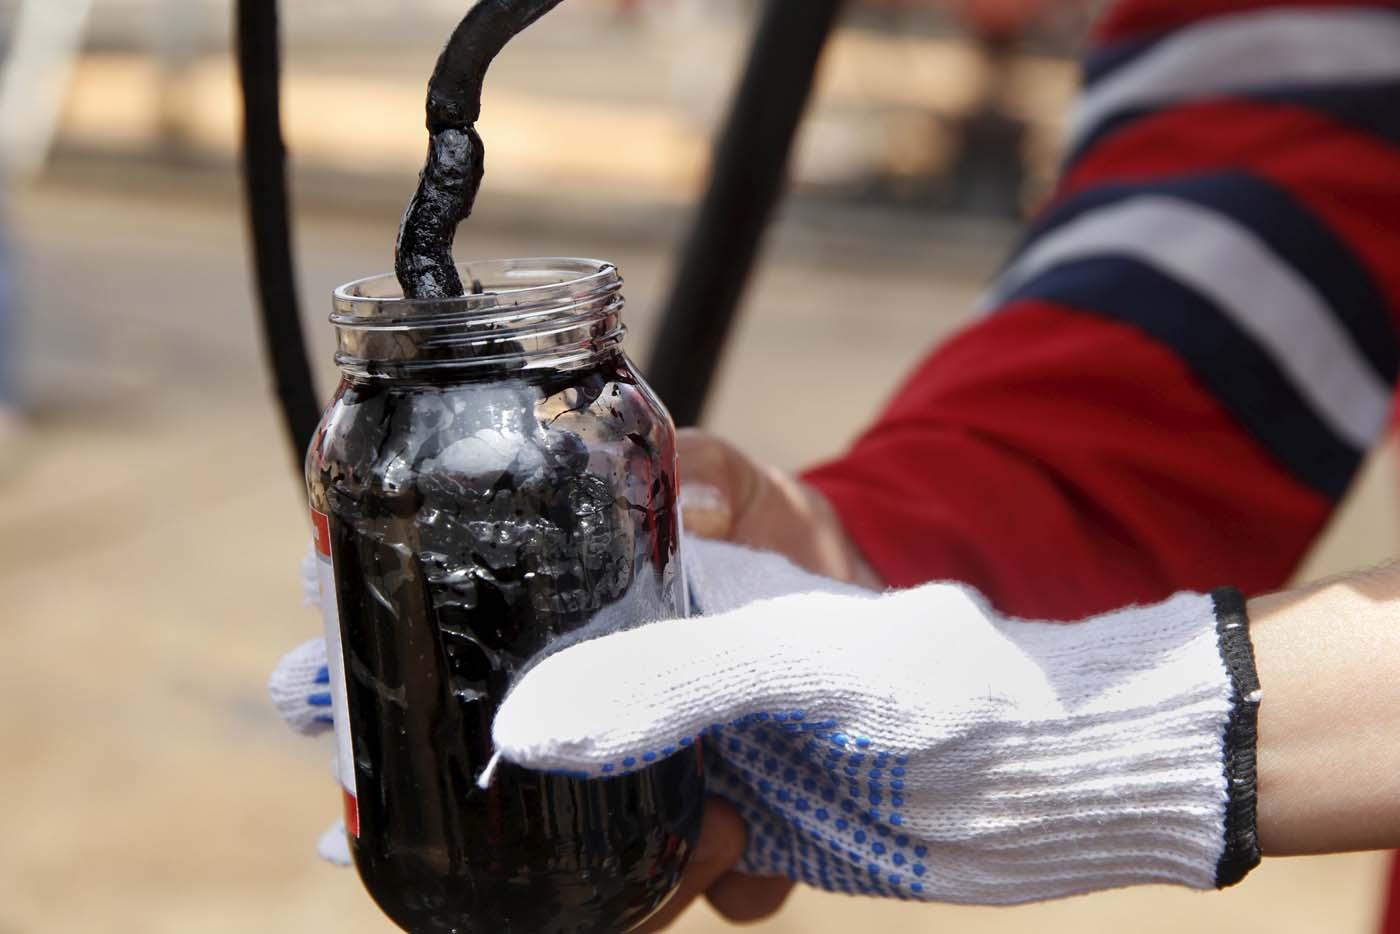 Un solo estado de EE. UU. superó a Venezuela en producción de petróleo